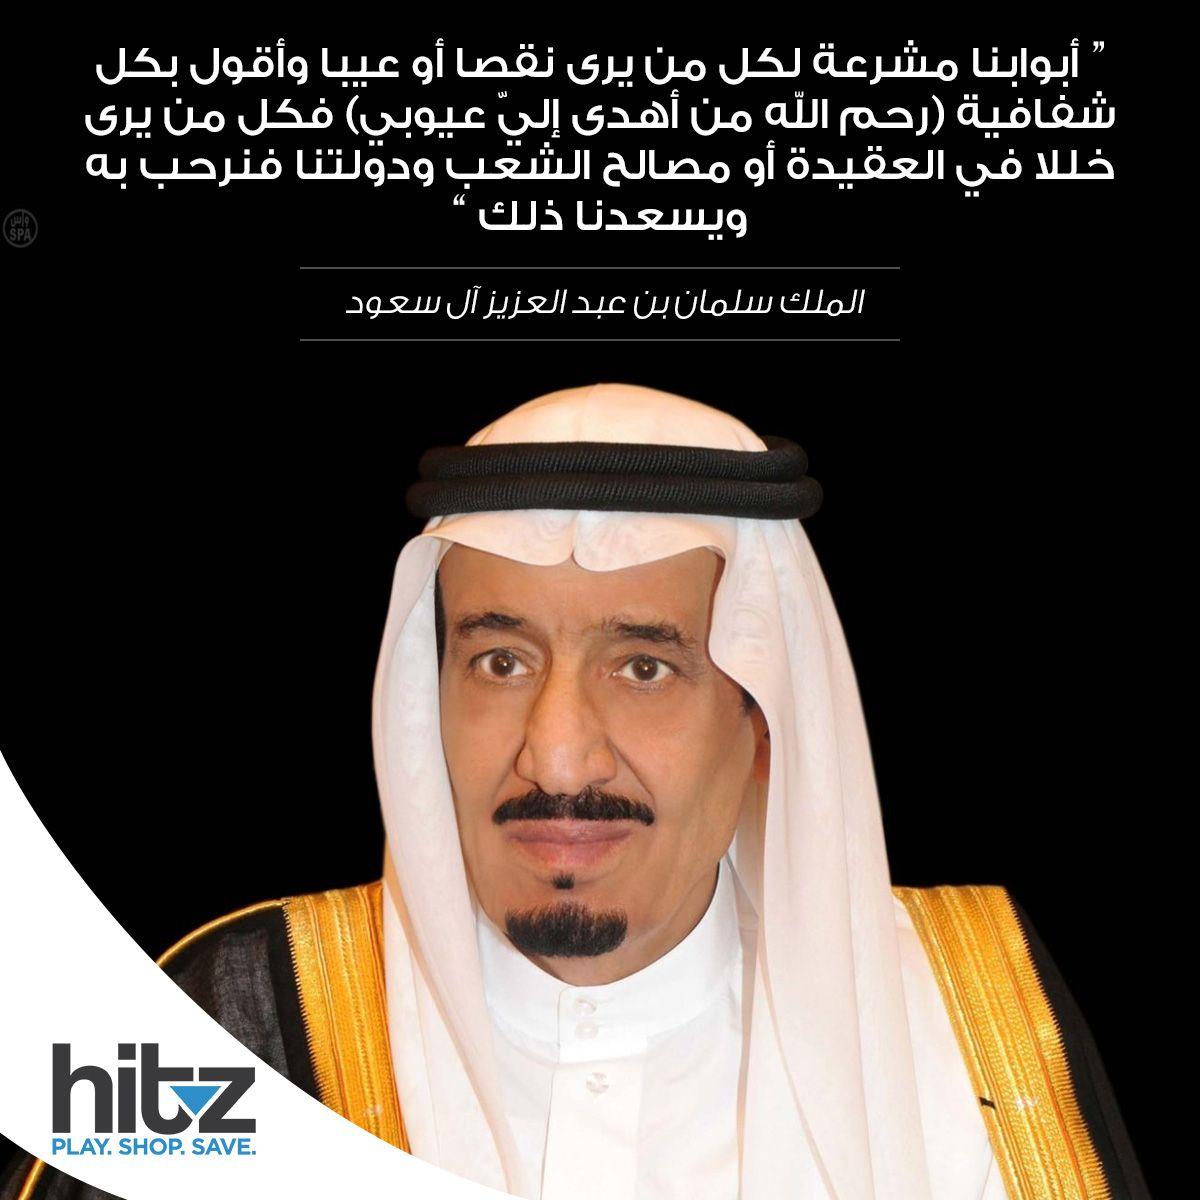 من أقوال الملك سلمان بن عبد العزيز آل سعود حفظه الله السعودية Quotes Photo